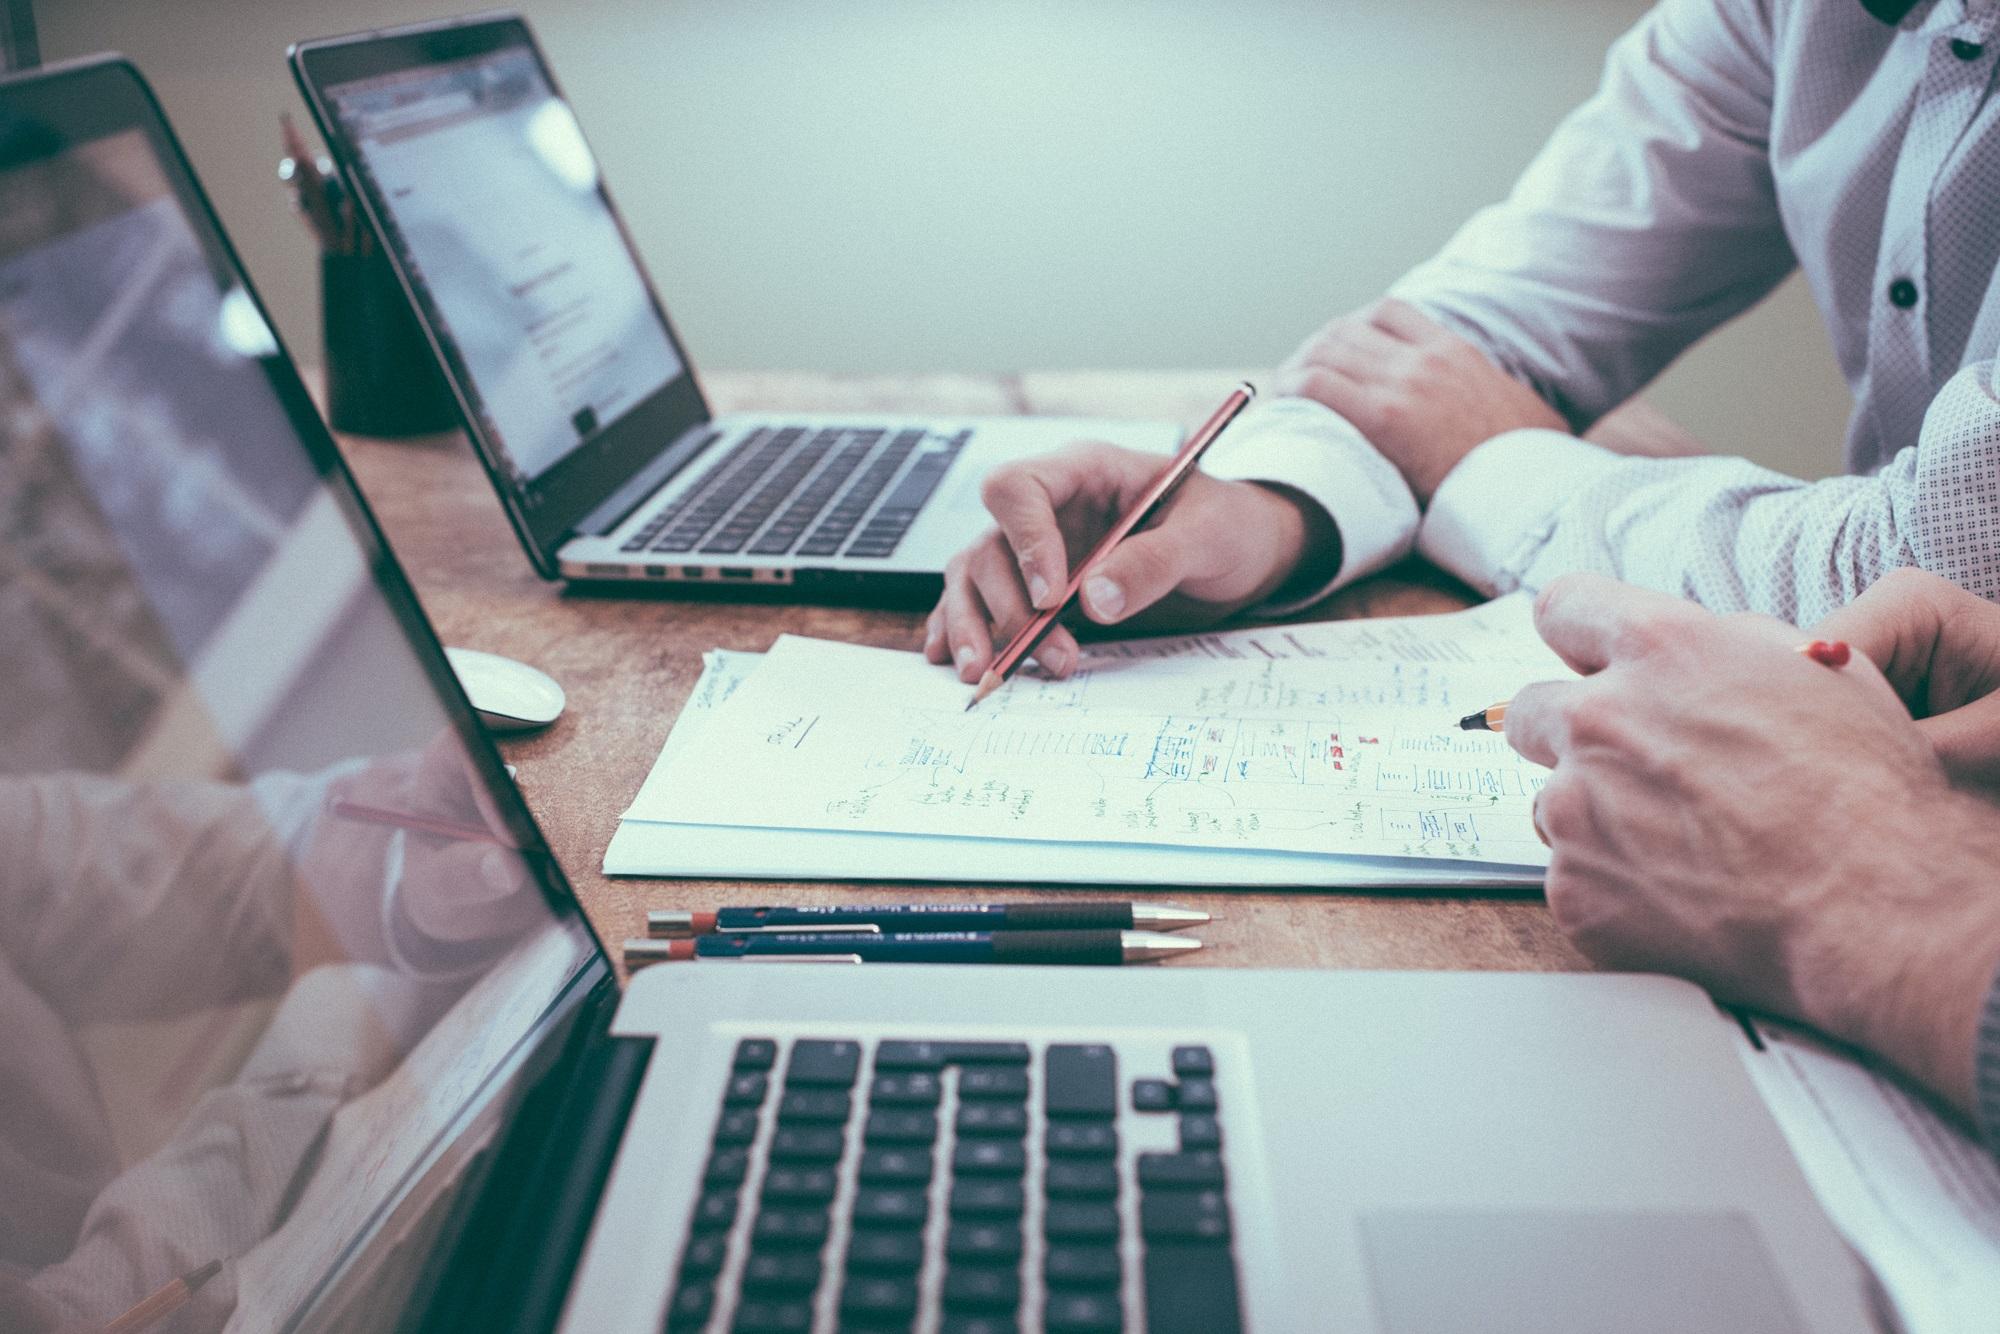 Agence digitale ou freelance ? Qui choisir pour développer vos ventes sur internet ?